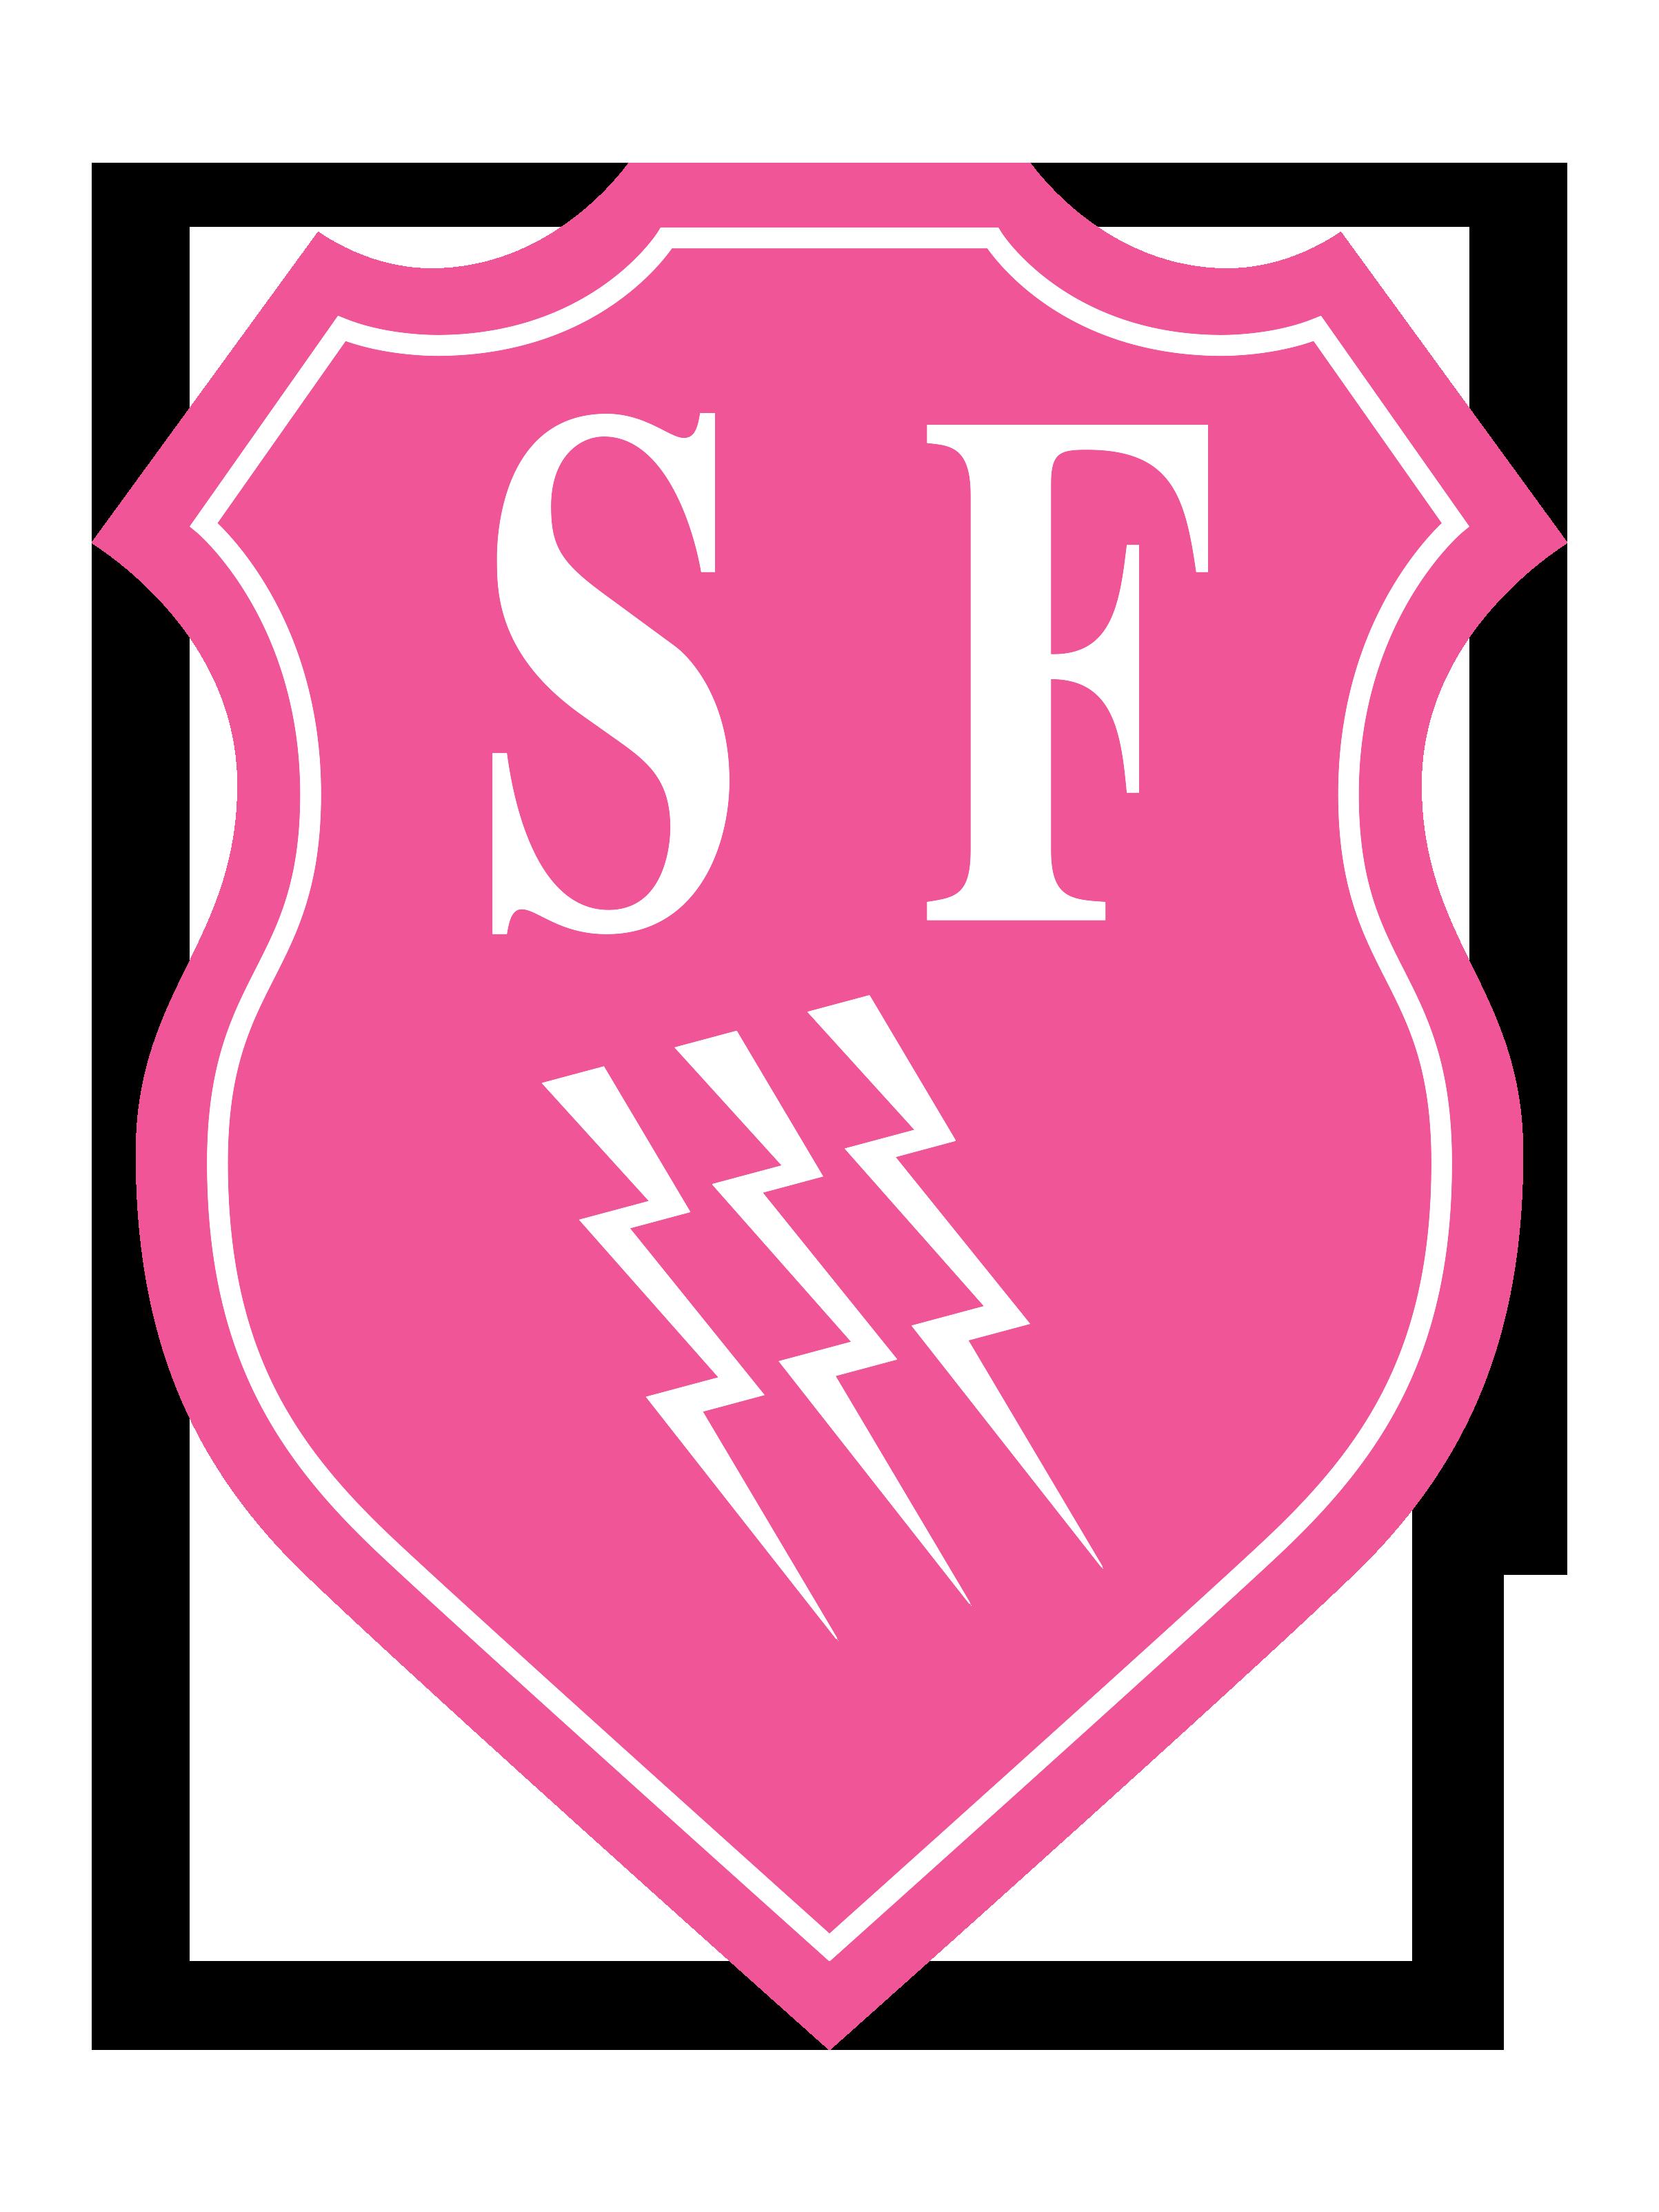 Stade Franais Wikipedia